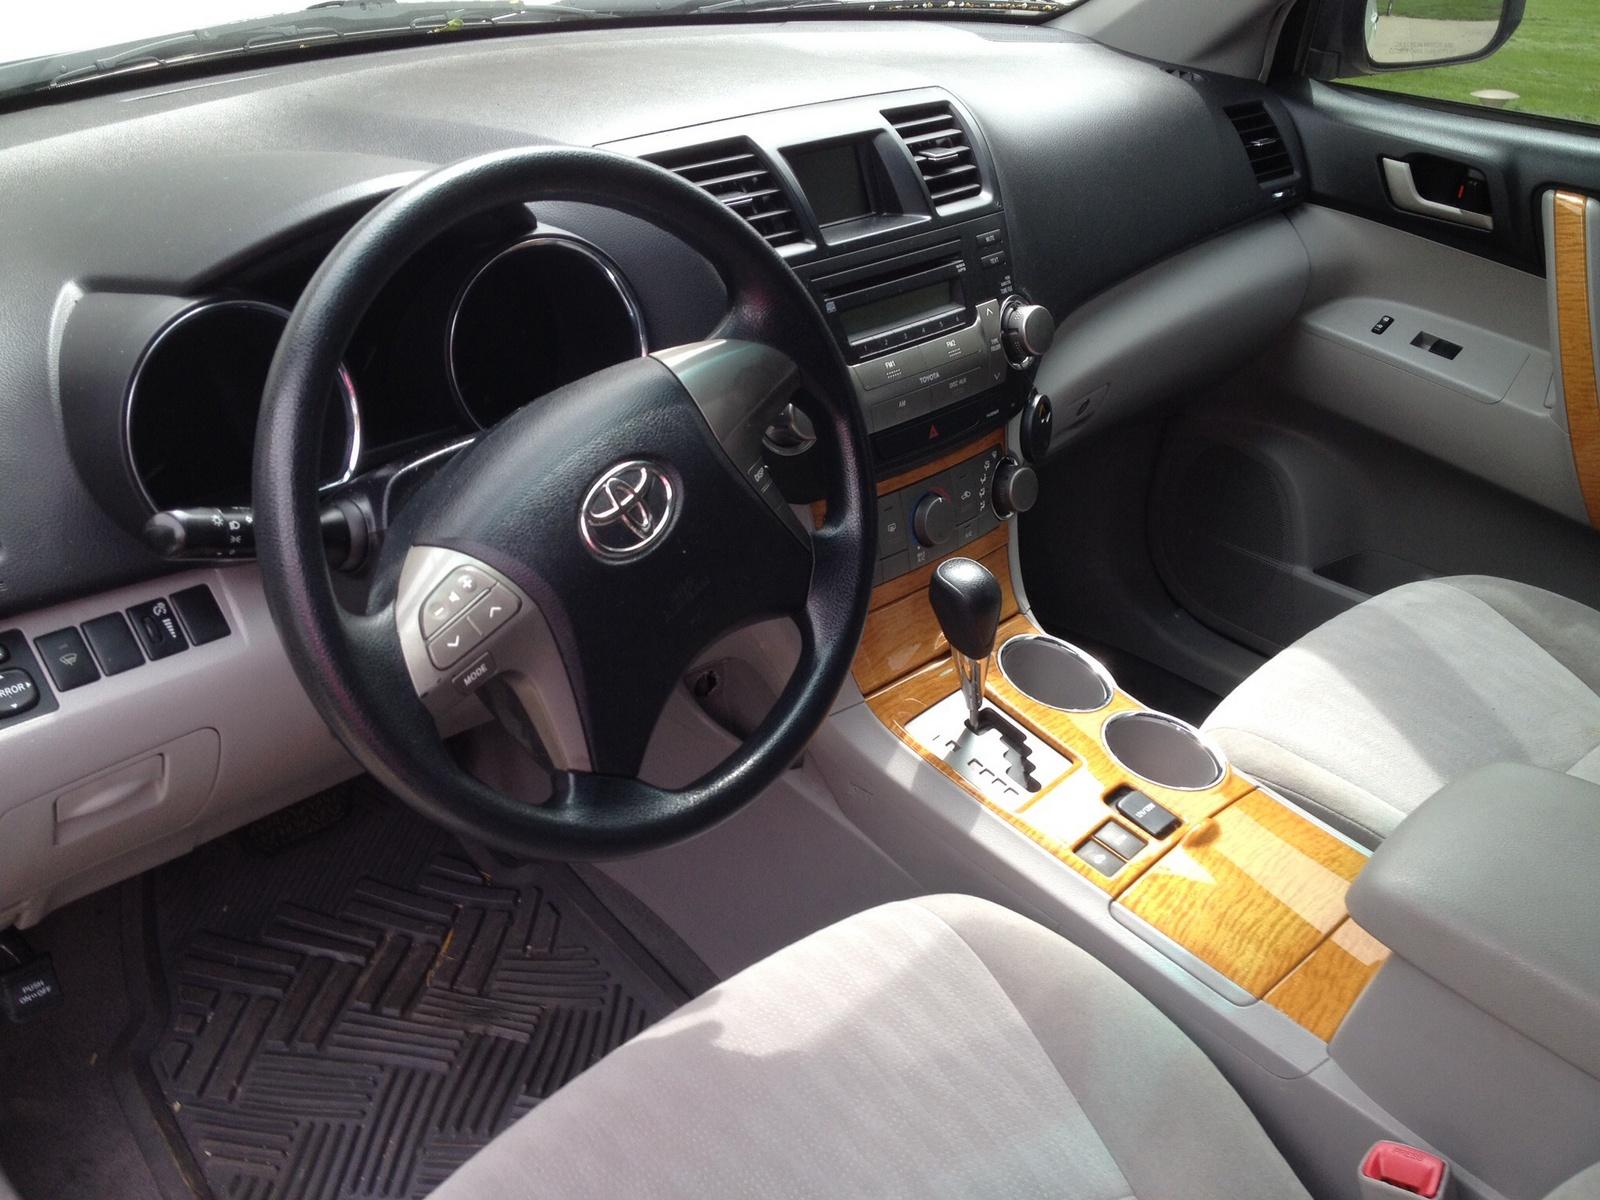 2009 Toyota Highlander Hybrid